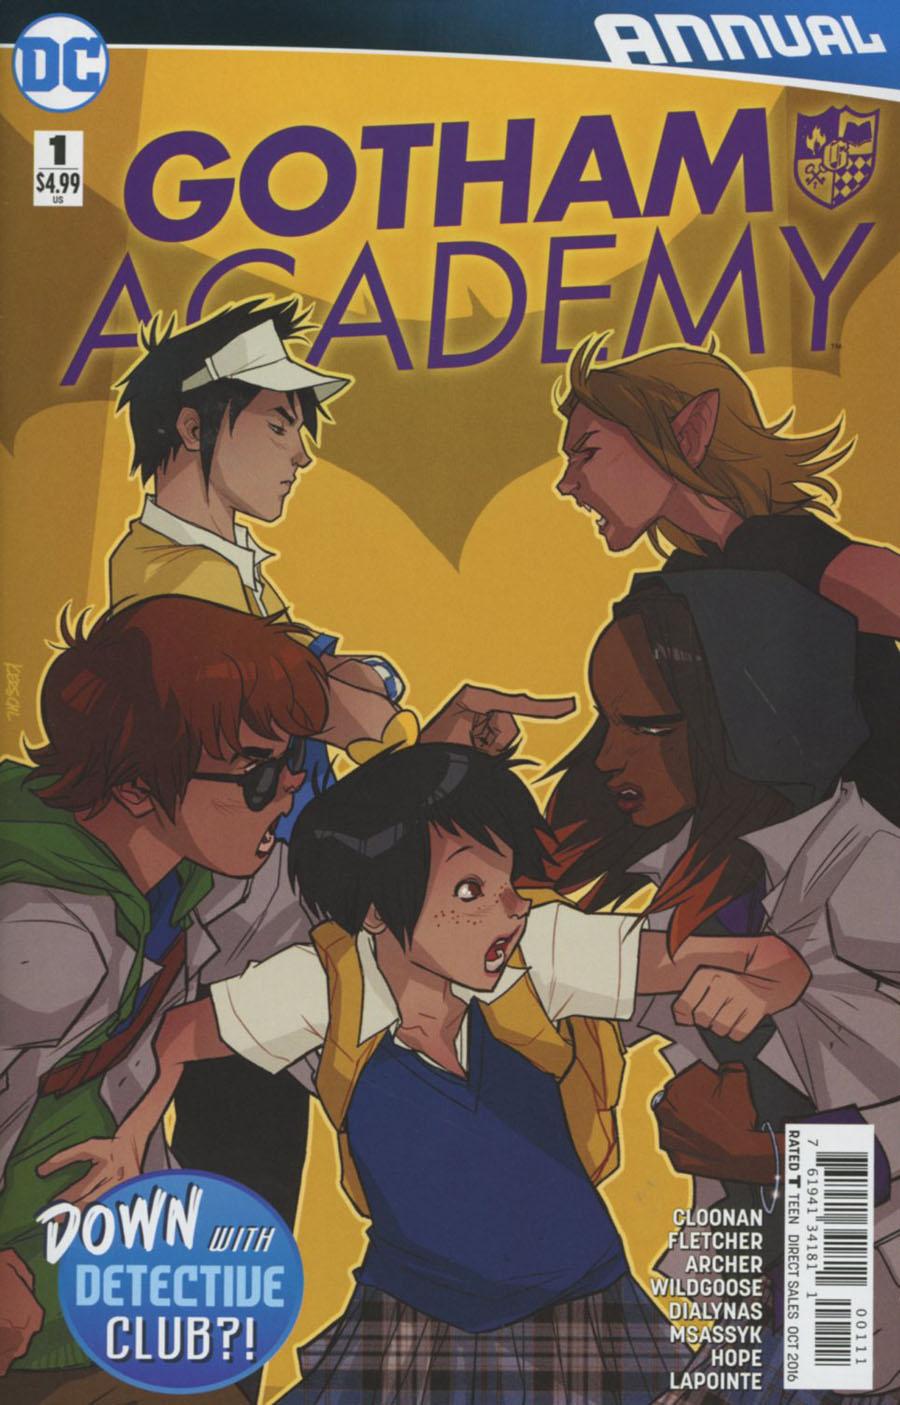 Gotham Academy Annual #1